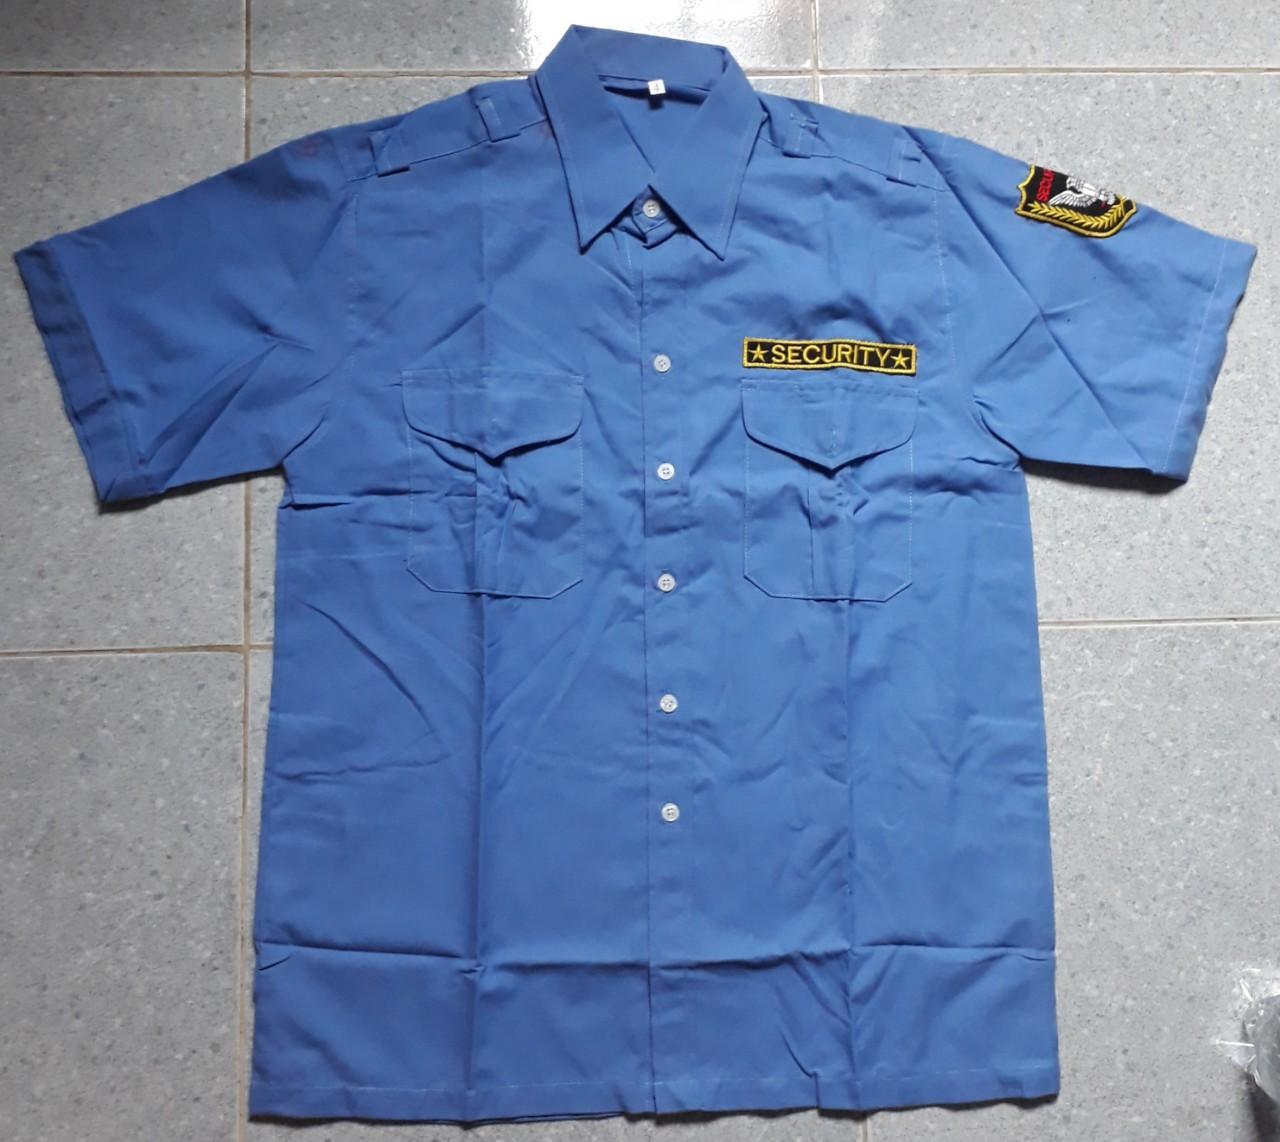 Áo bảo vệ vải ford màu xanh